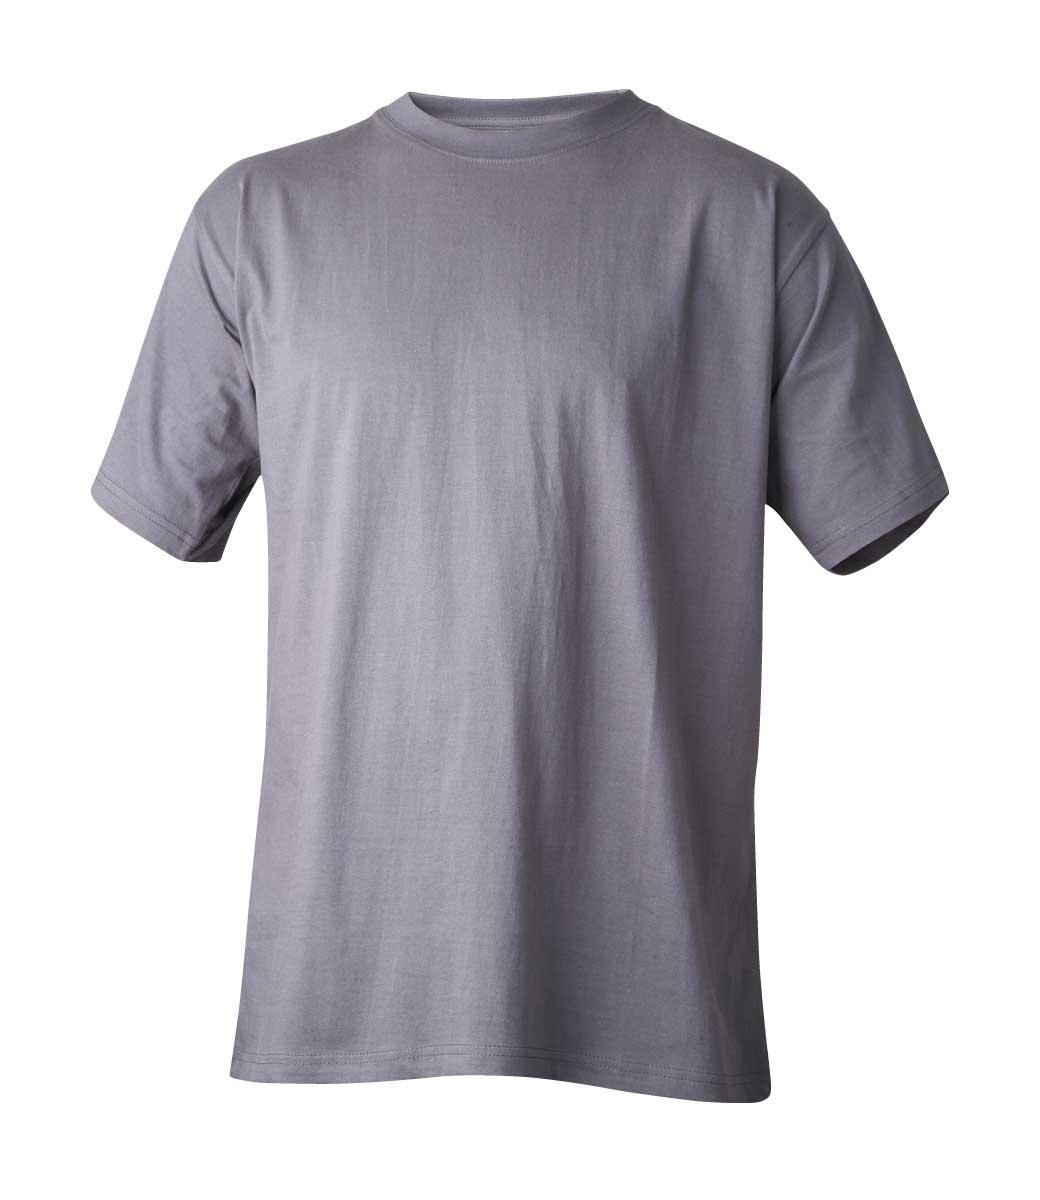 Gul t skjorte 100% bomull ~ Ezzenza.no Arbeidsklær